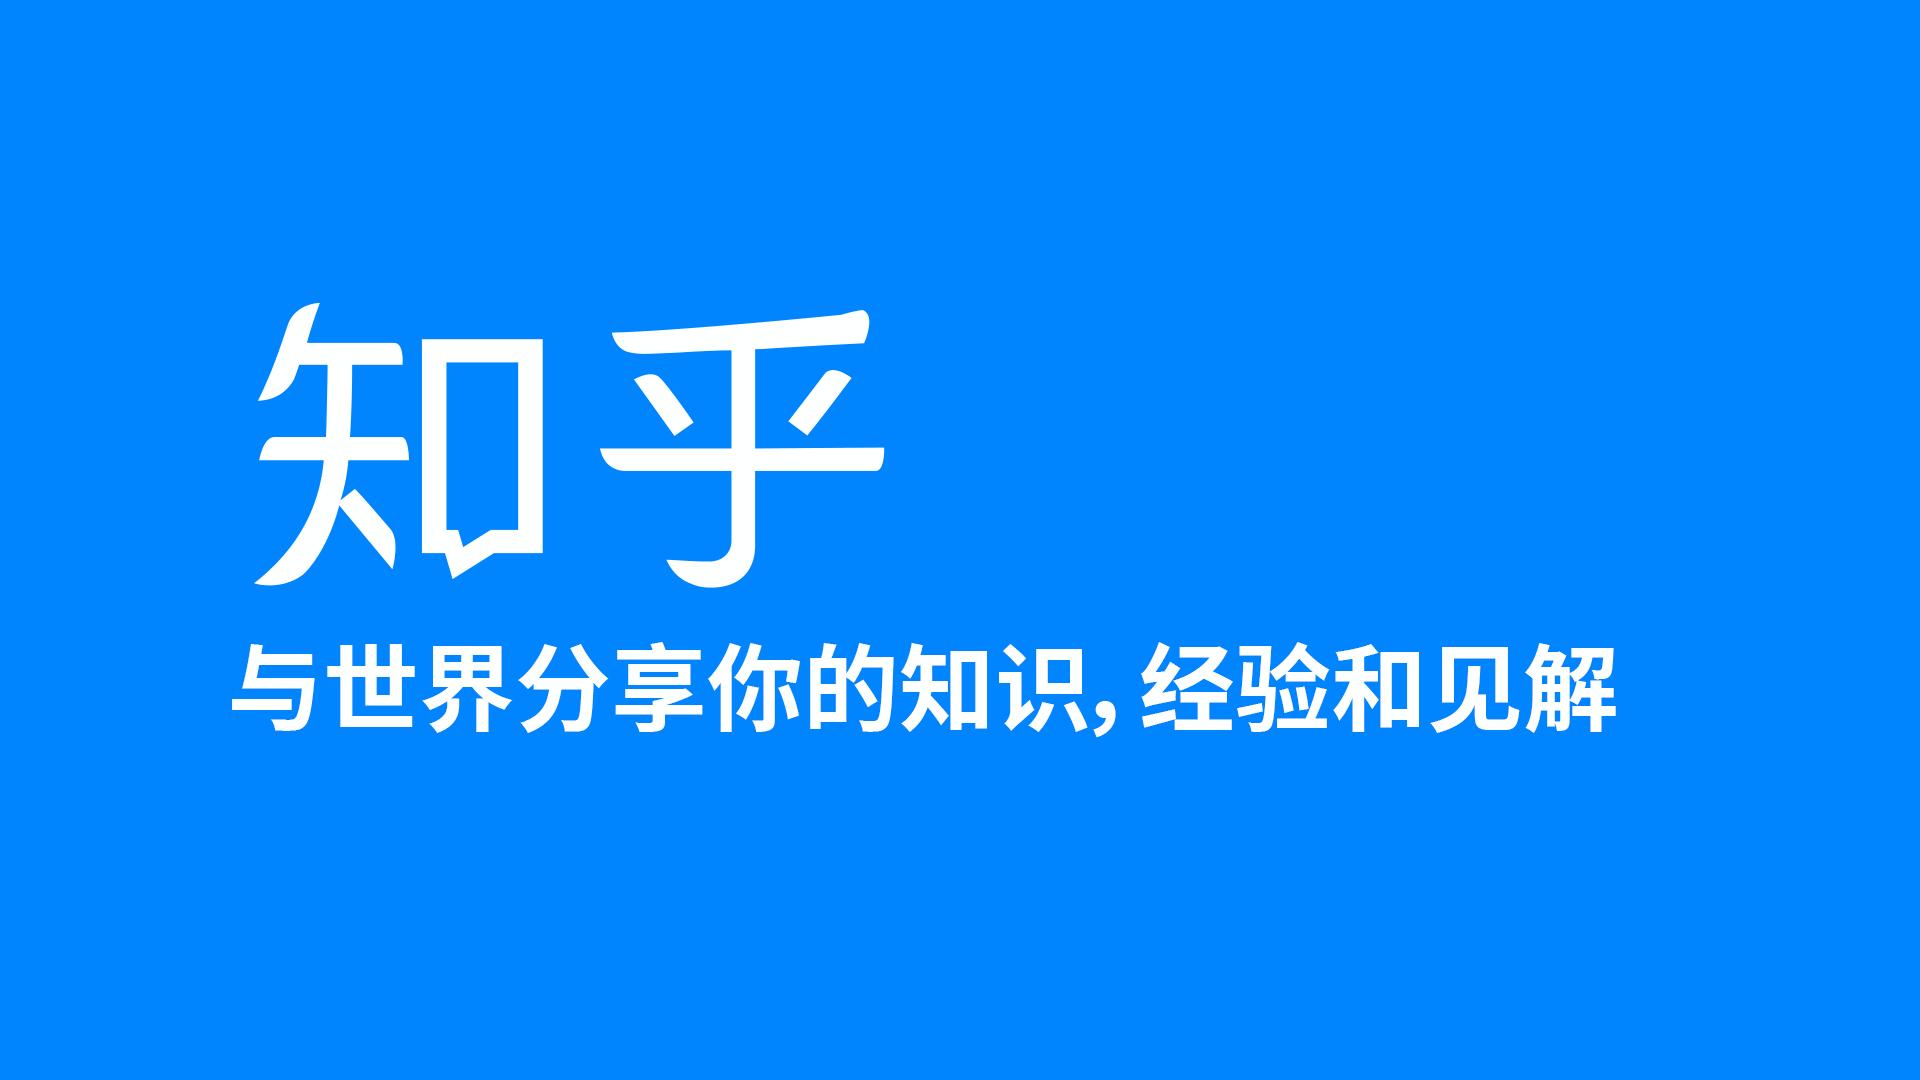 知乎Slogan